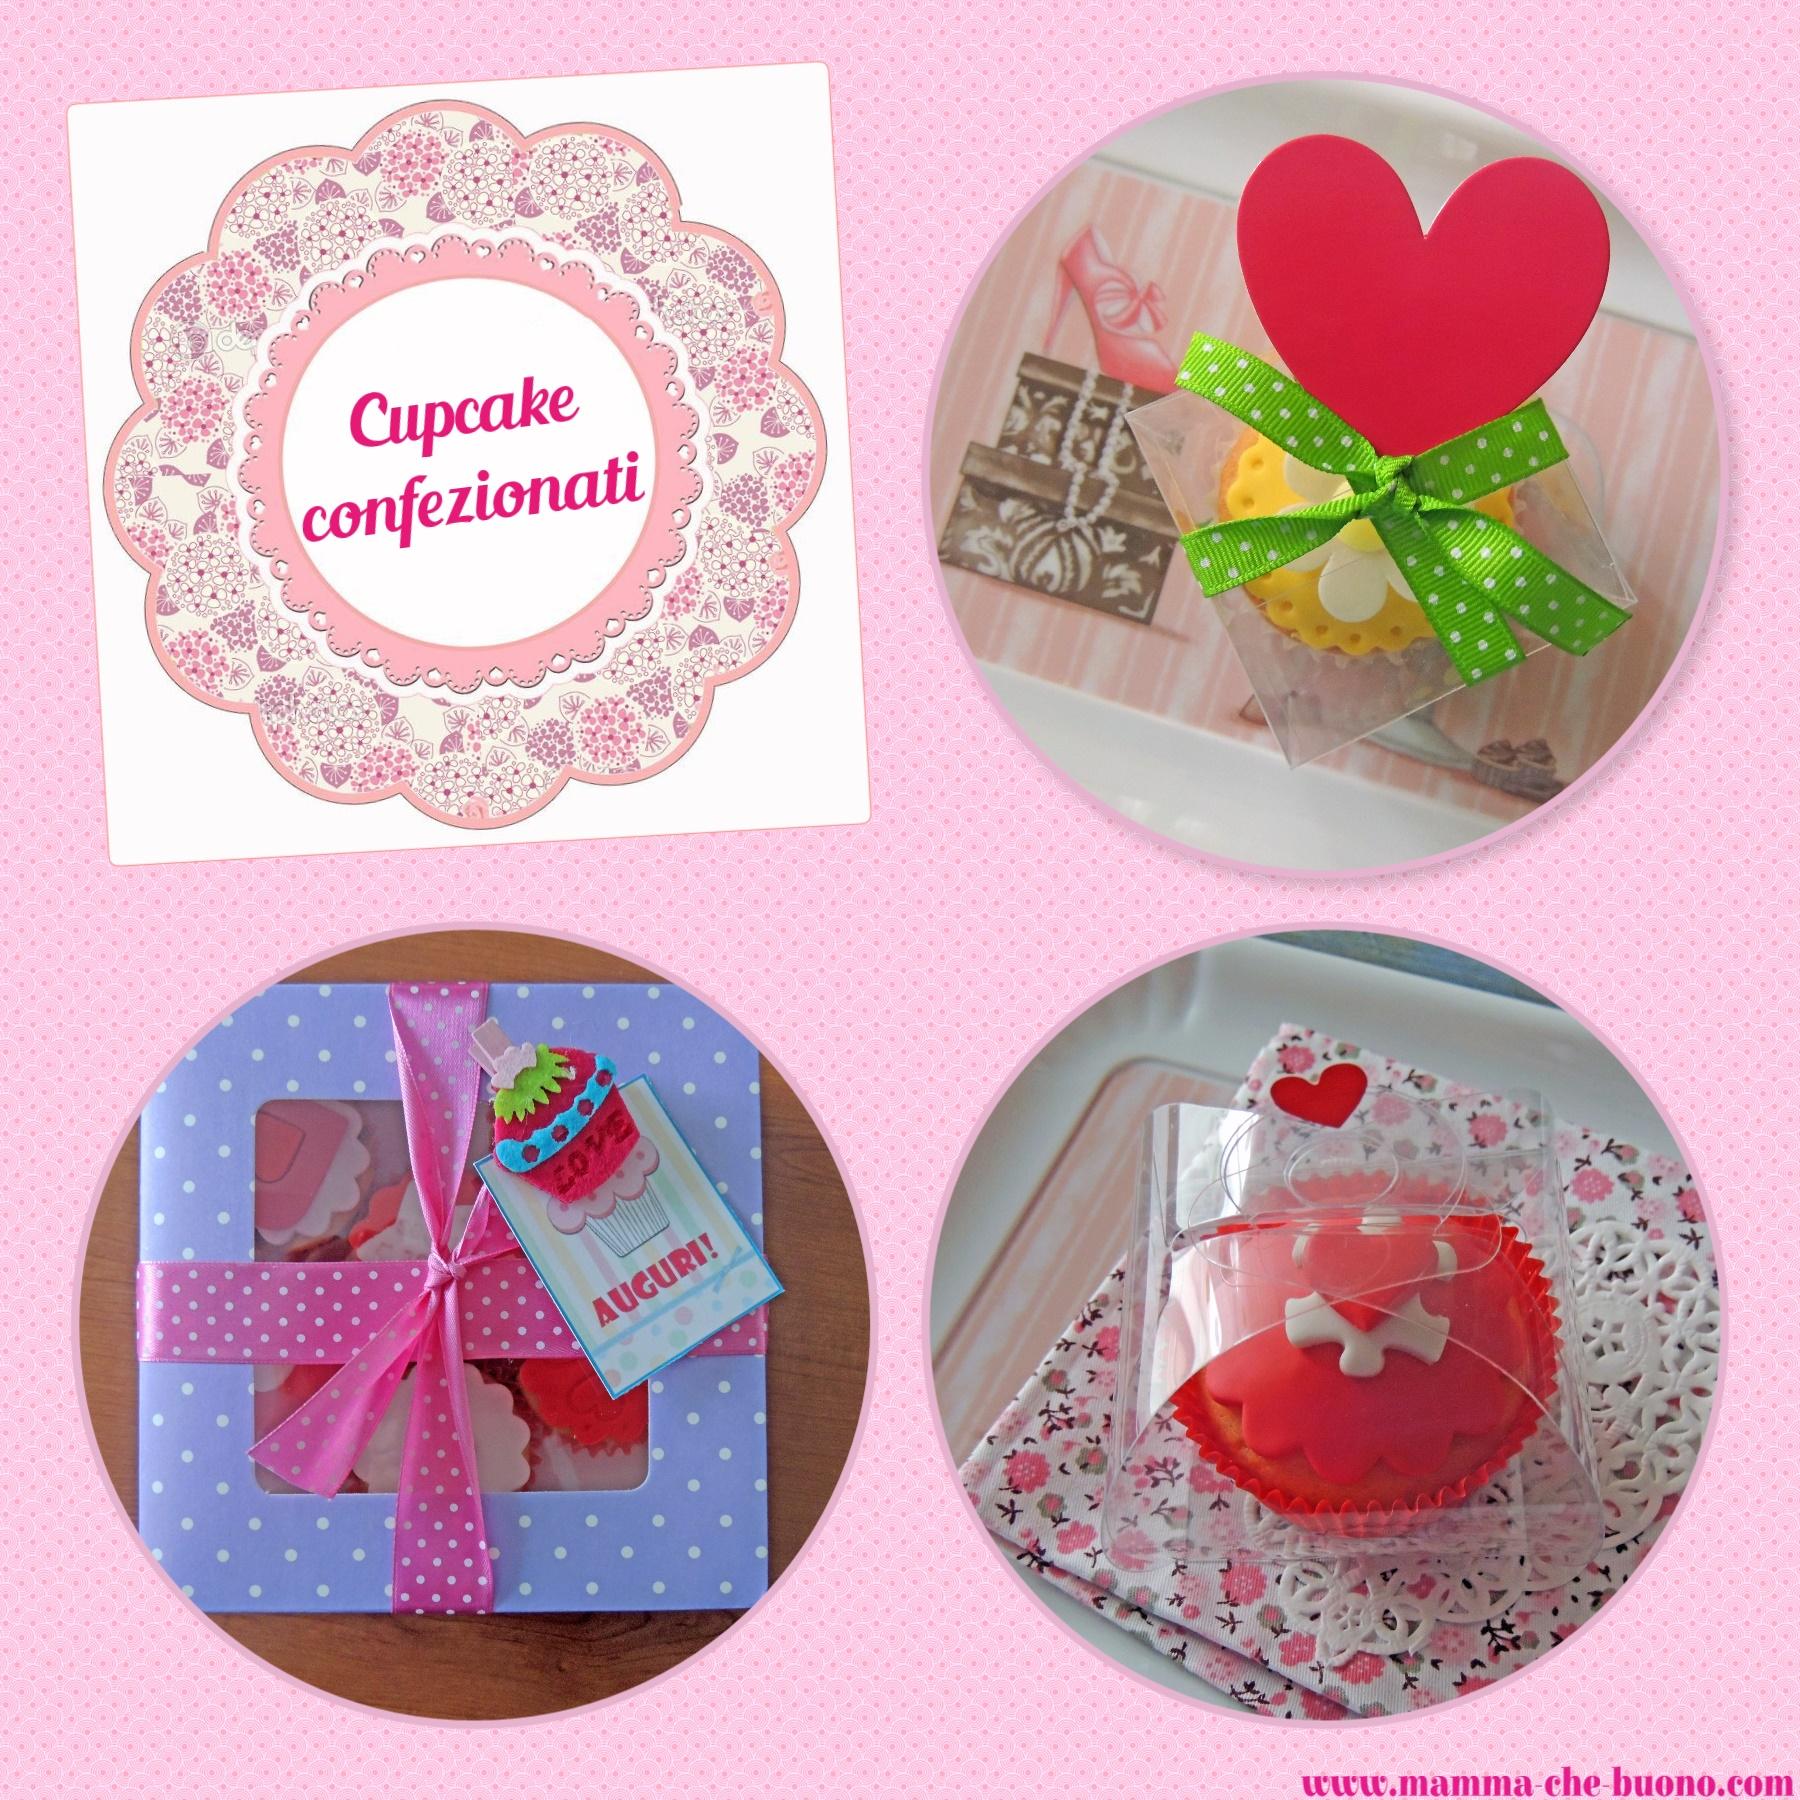 cupcake confezionati2